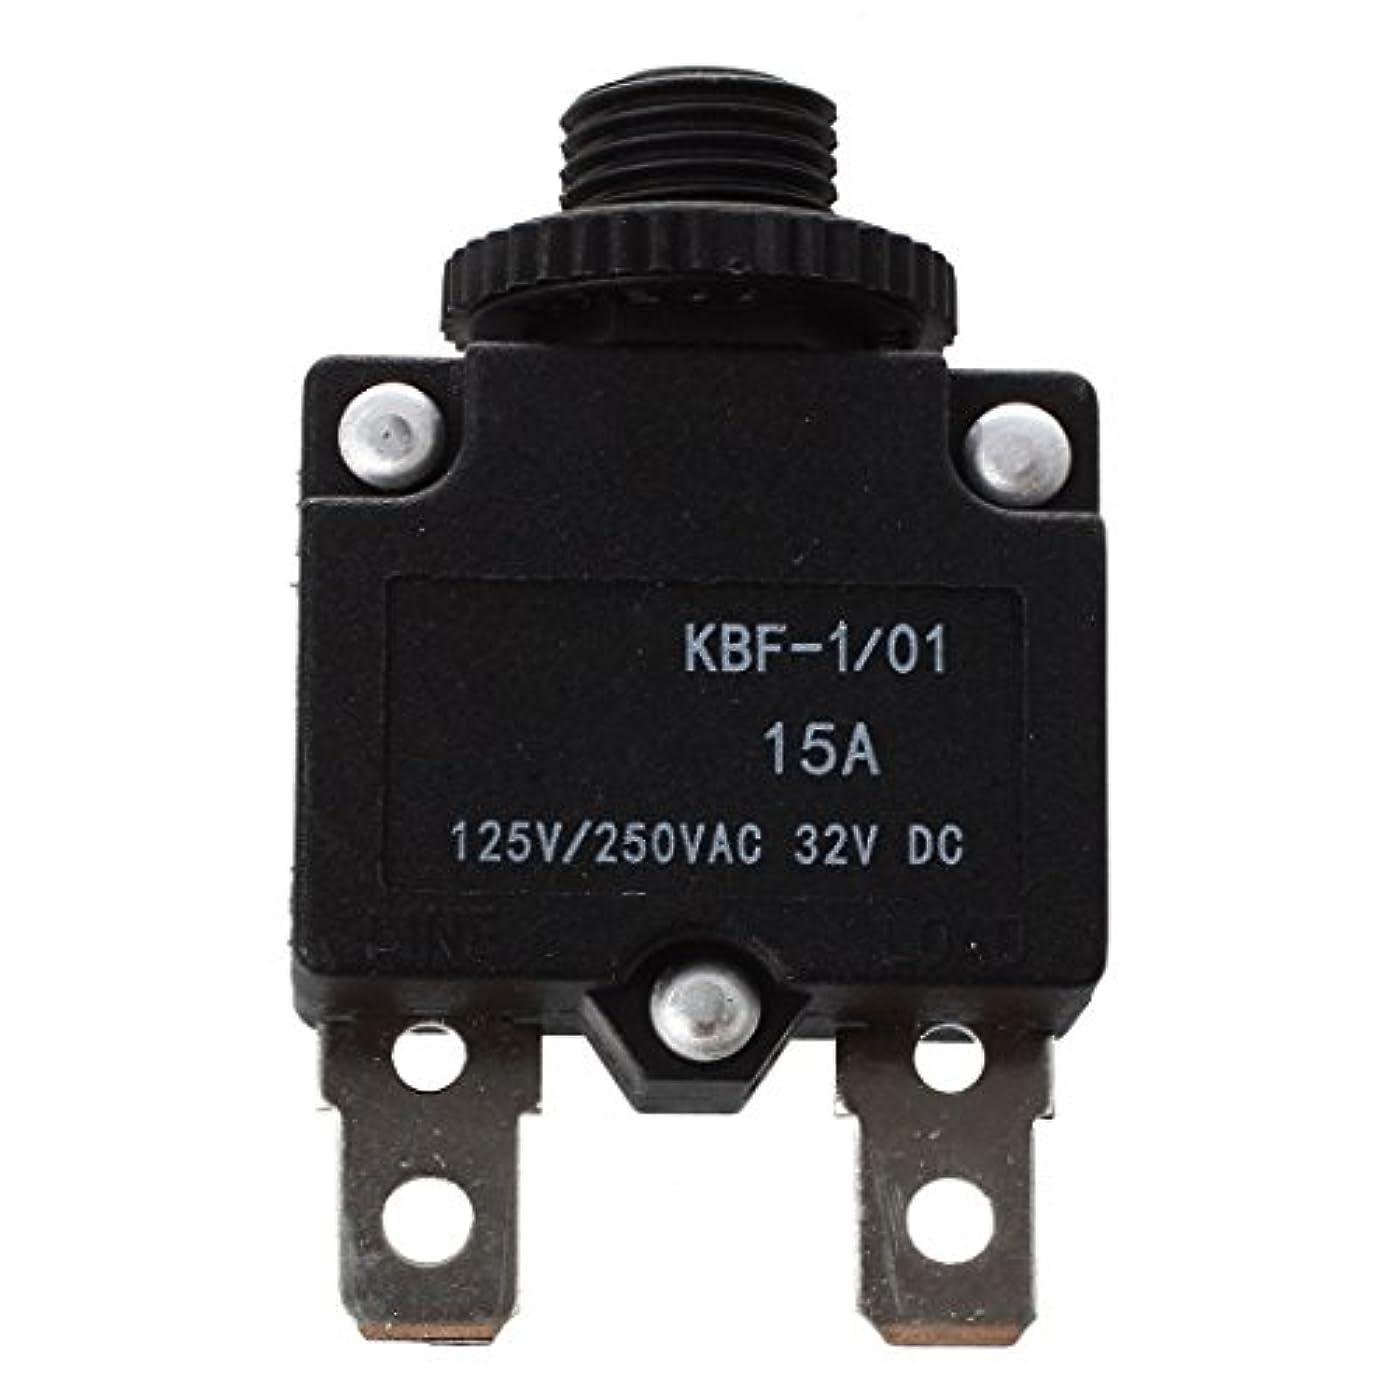 好奇心後継偶然のACAMPTAR ACAMPTAR(R) AC125/250V 15Aプッシュリセットボタンサーキットブレーカ過負荷保護